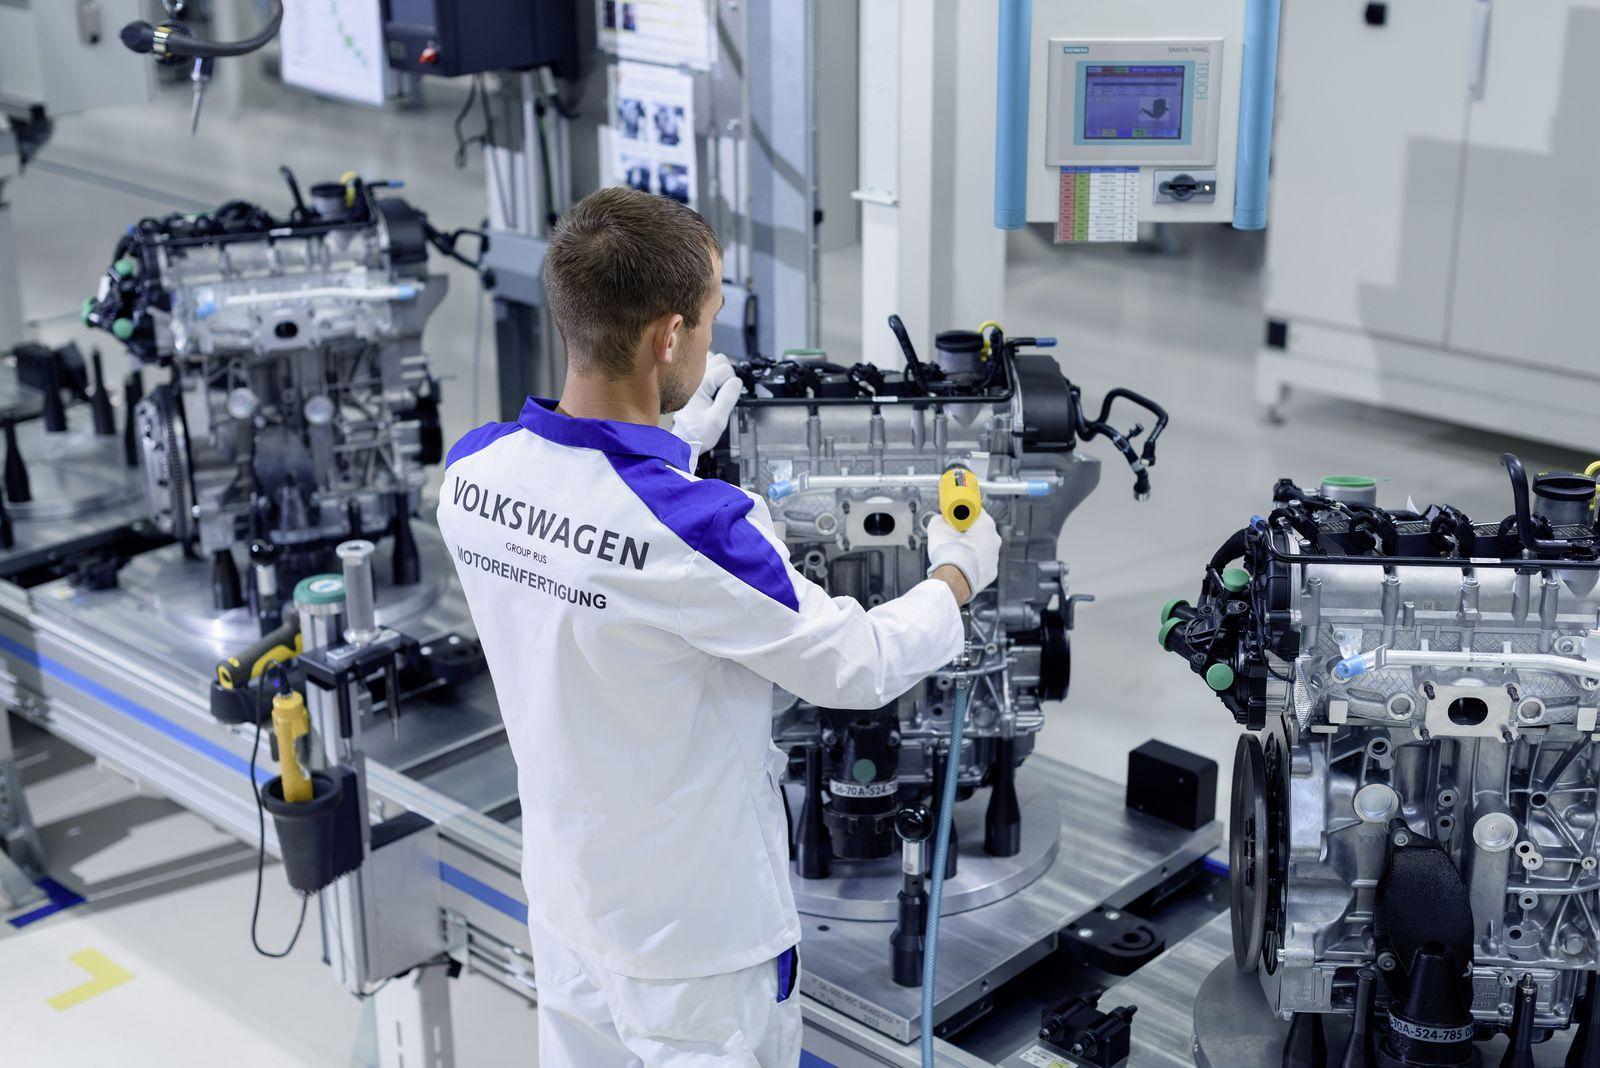 VW хочет делать в Калуге турбомоторы и удвоить выпуск атмосферников - Колеса.ру